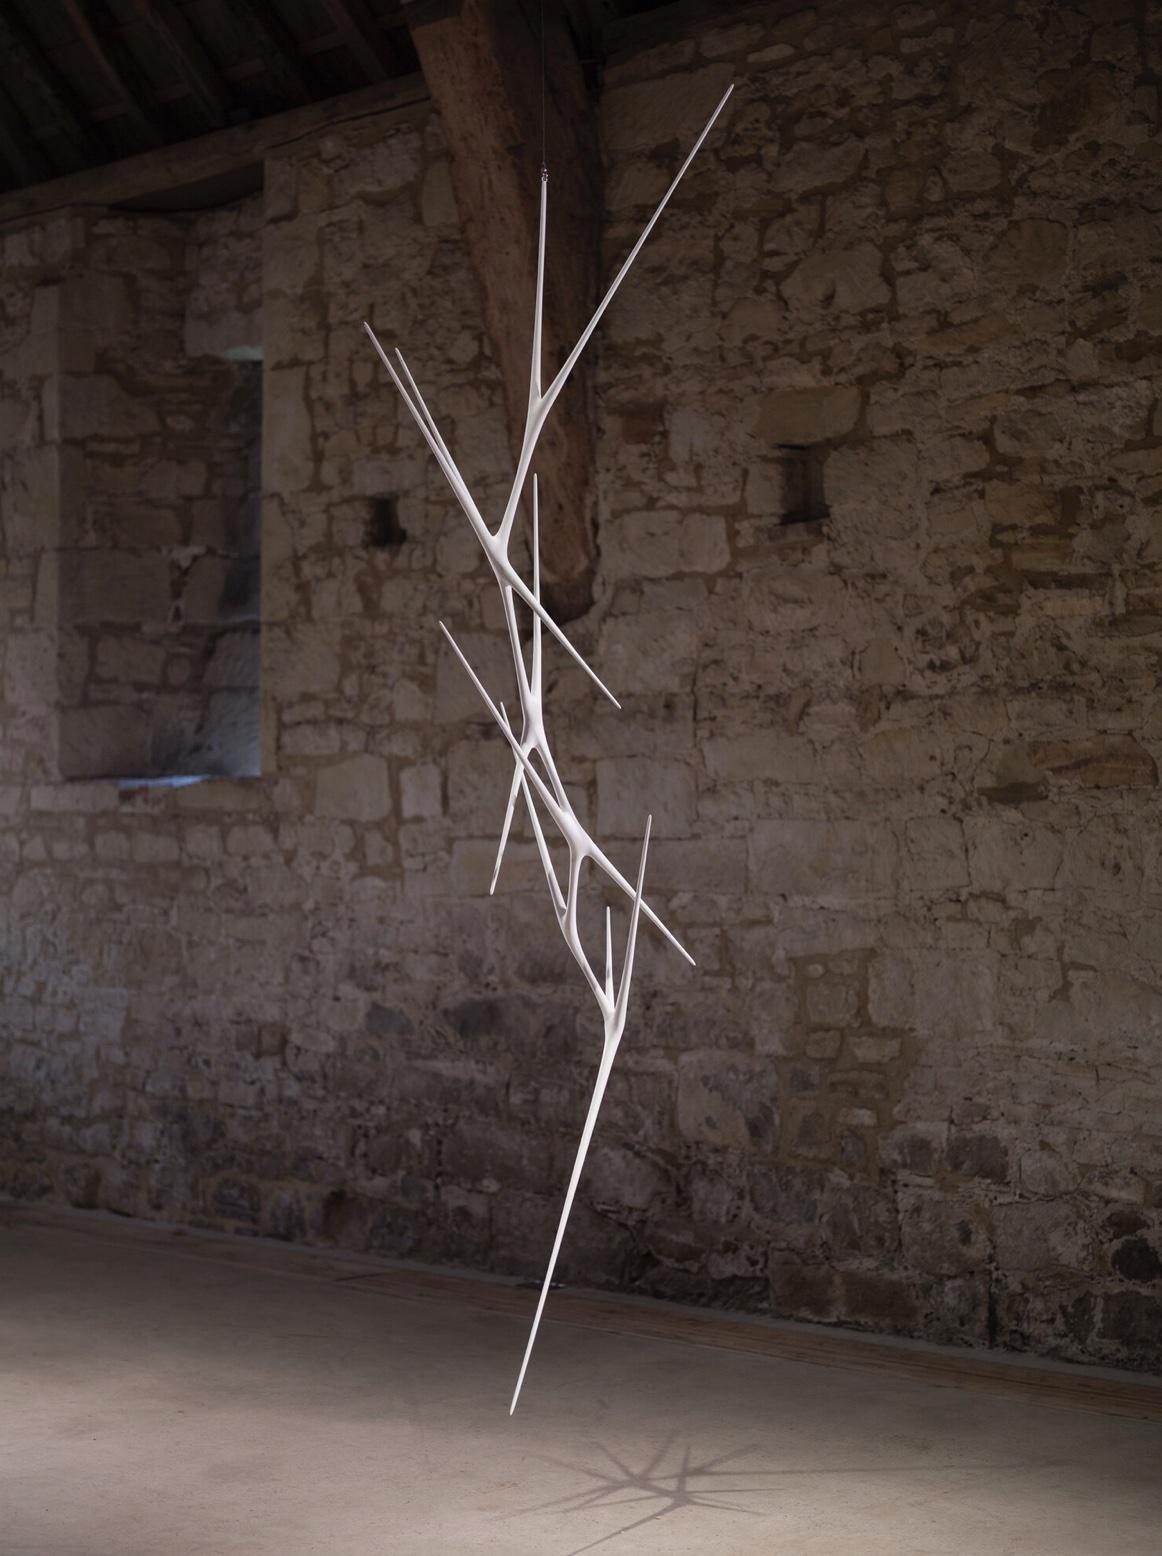 Meridian 40419, 2019, a sculpture by artist Christopher Kurtz.